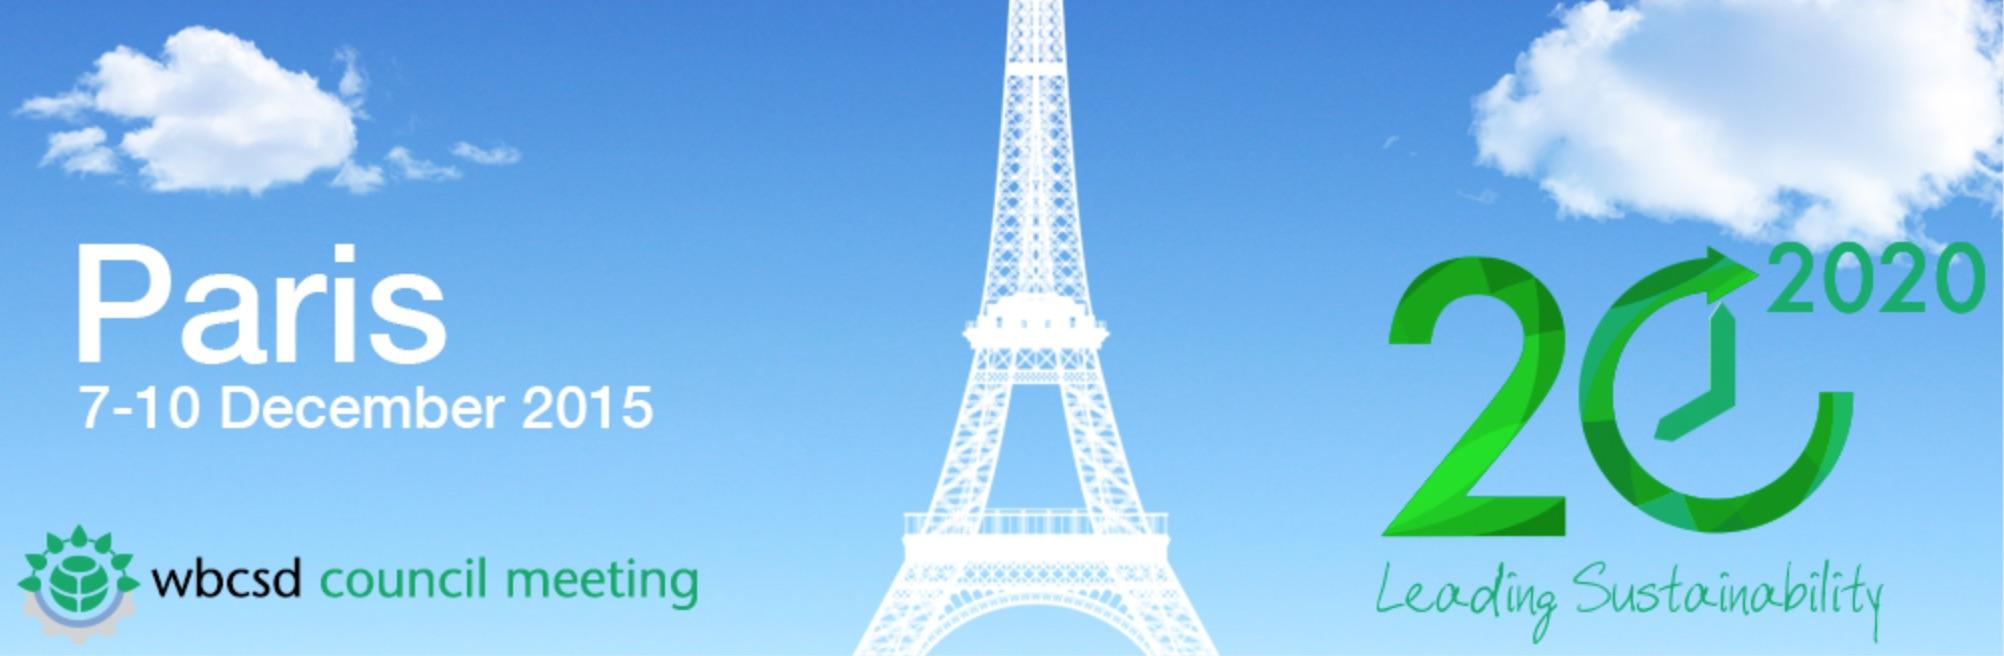 1504 WBCSD Paris 2020 counsil meeting